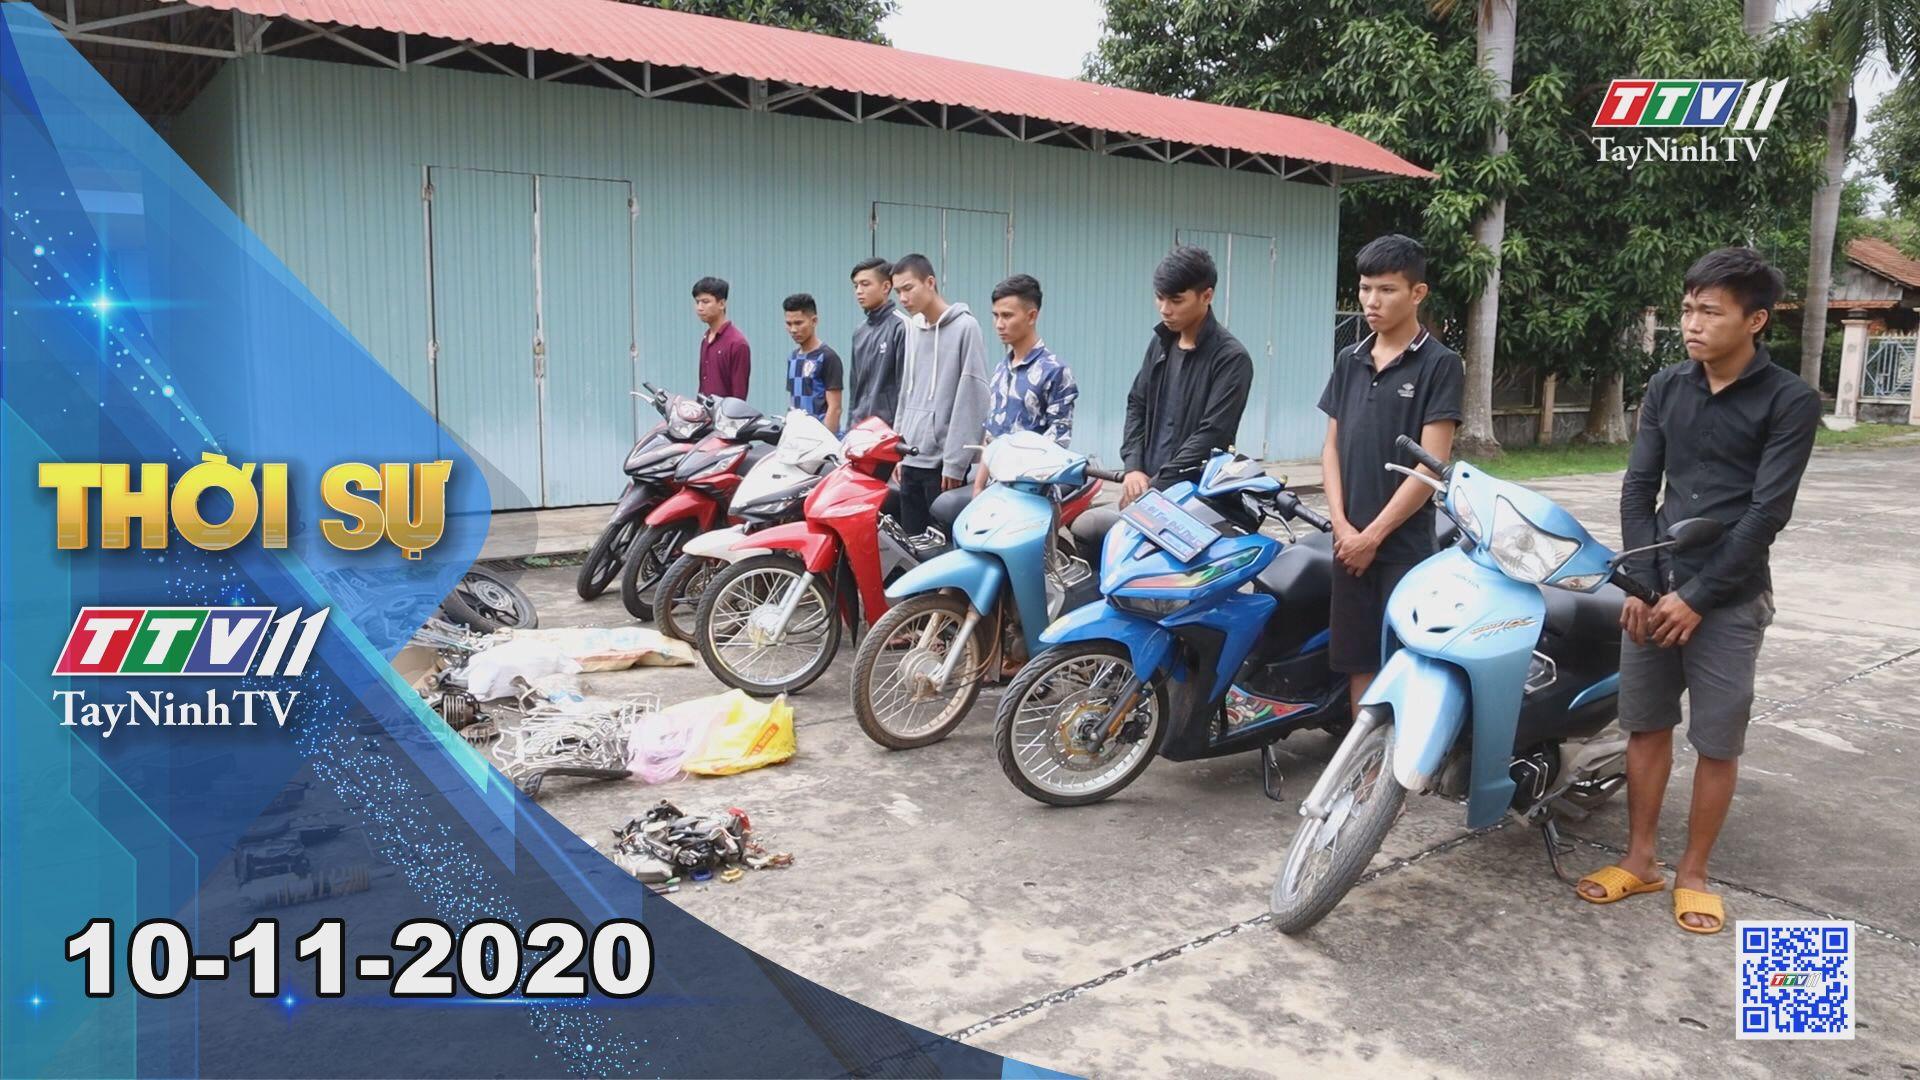 Thời sự Tây Ninh 10-11-2020 | Tin tức hôm nay | TayNinhTV